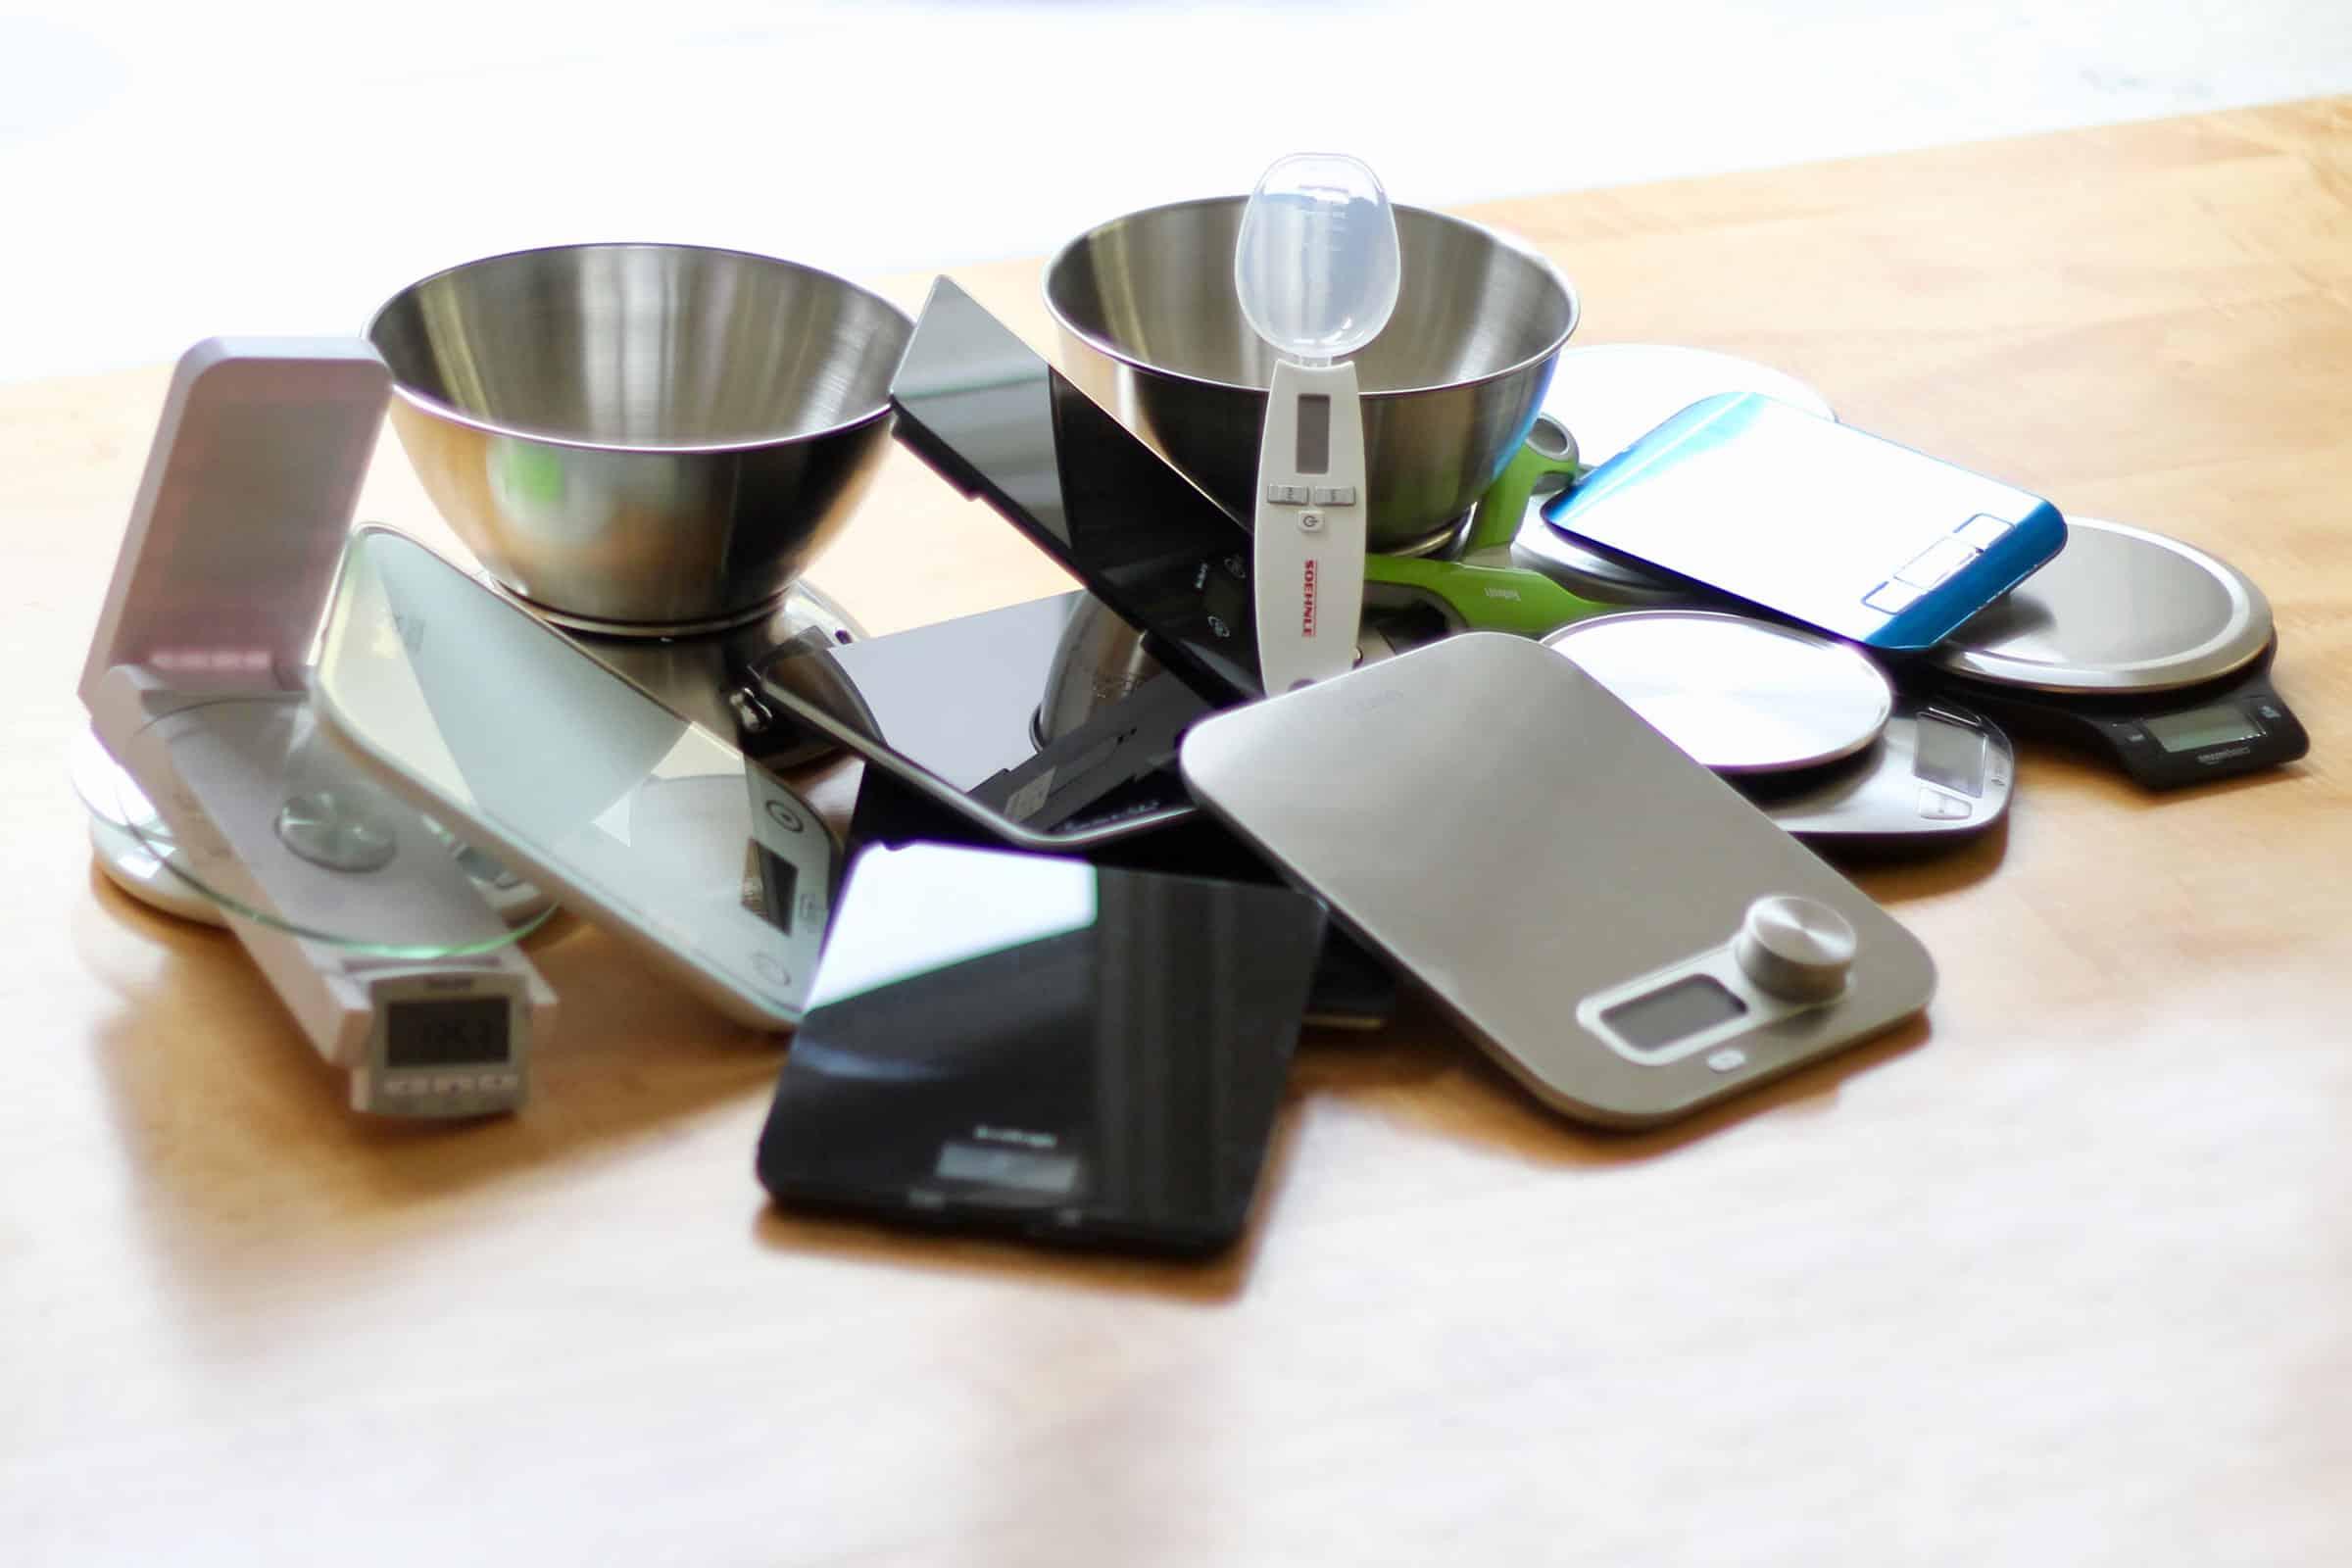 Gemütlich Küche Entwirft Neuseeland Fotos - Ideen Für Die Küche ...